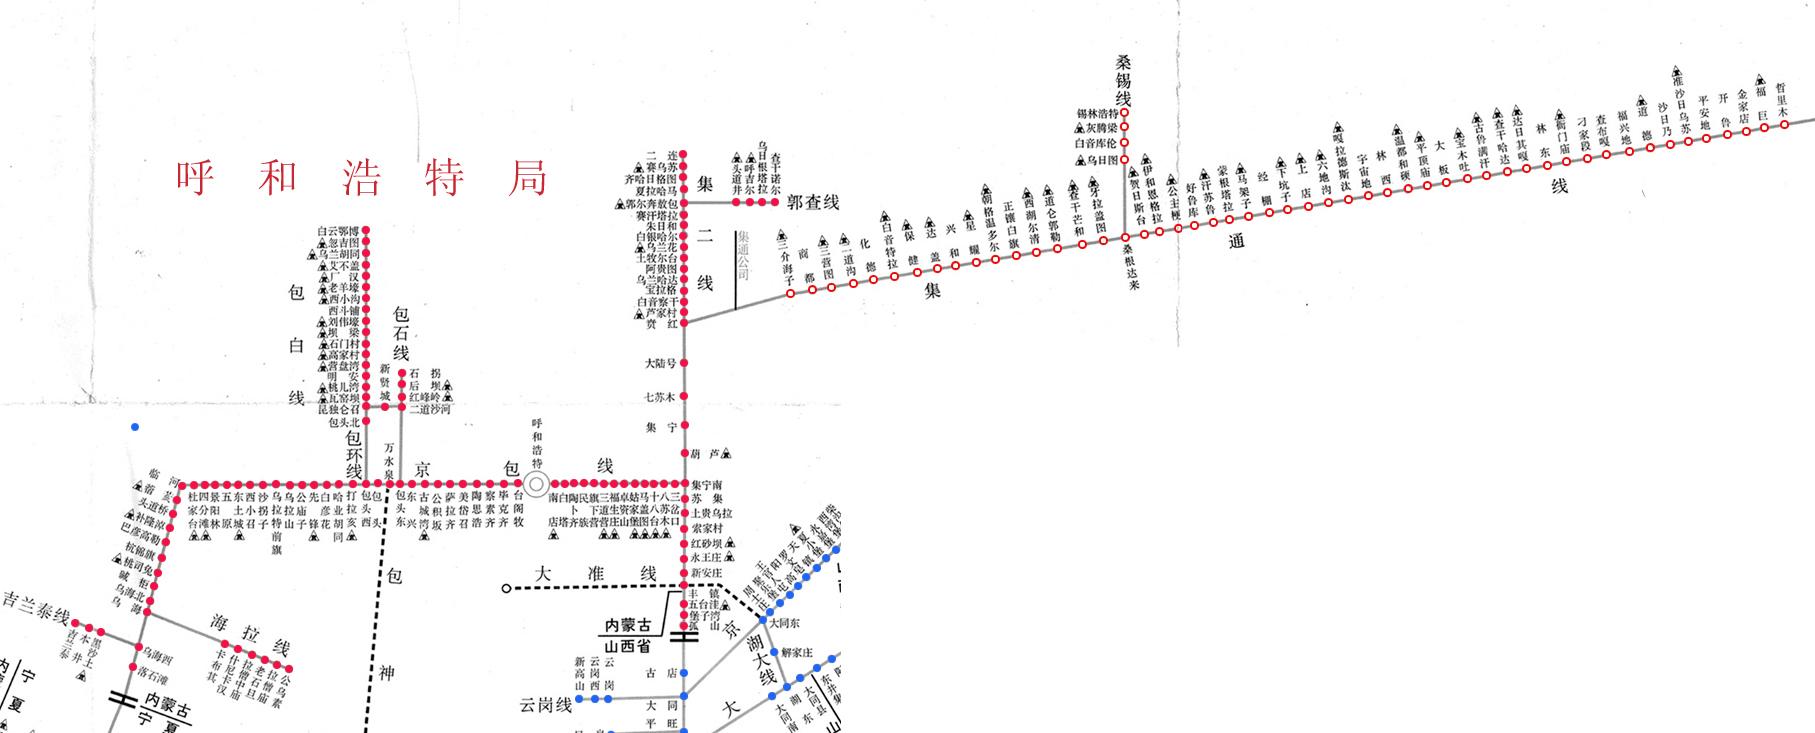 呼和浩特铁路局货运营业站示意图